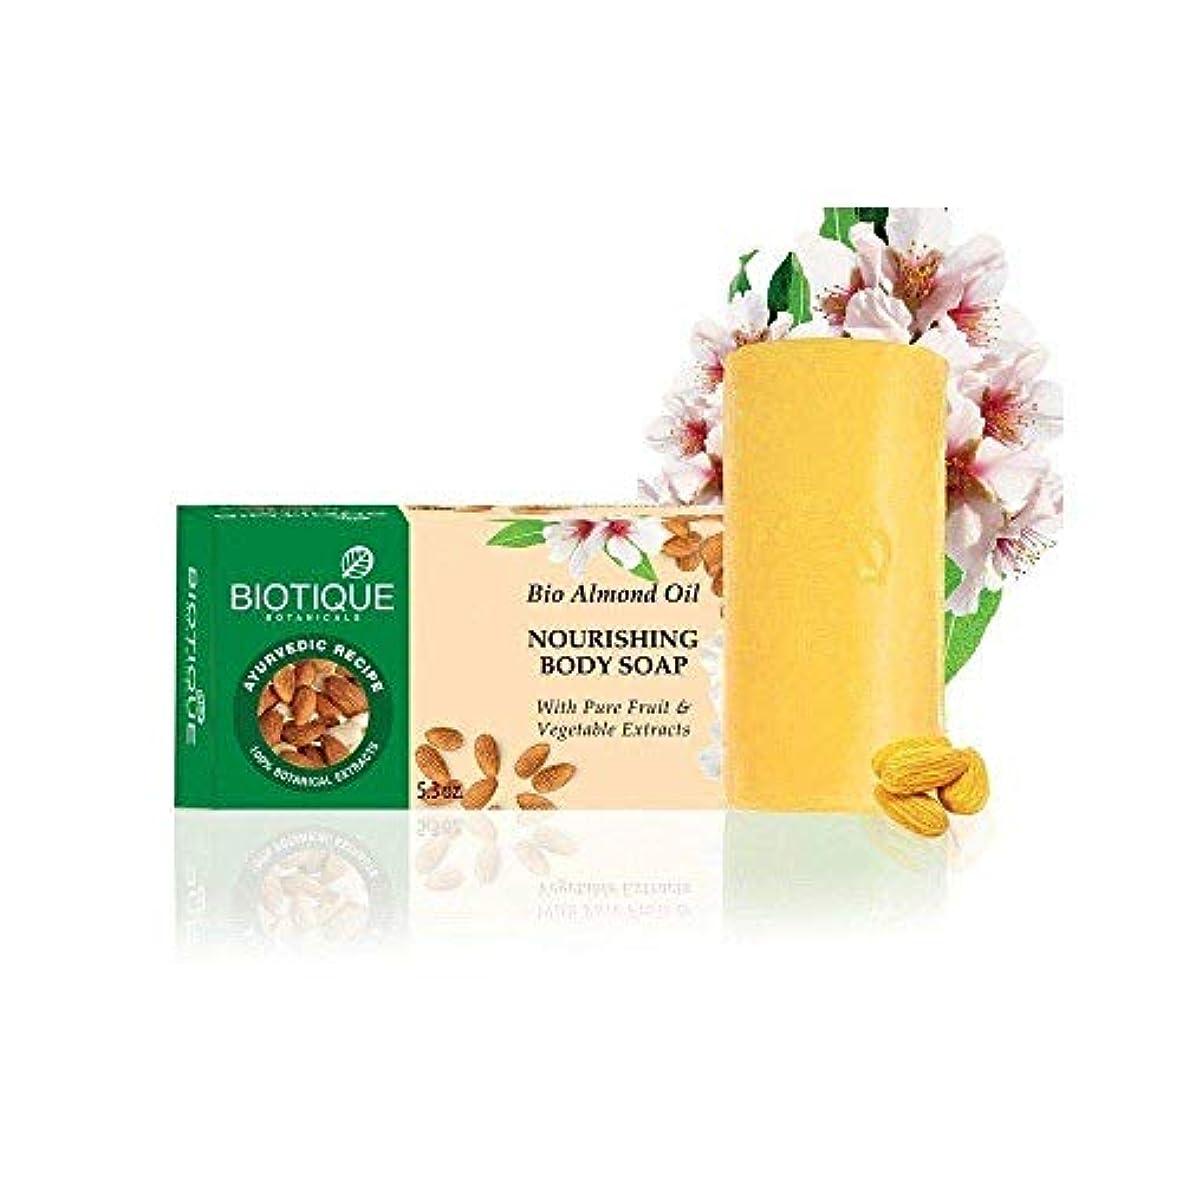 心のこもったかなりの魅惑するBiotique Bio Almond Oil Nourishing Body Soap - 150g (Pack of 2) wash Impurities Biotique Bio Almond Oilナリッシングボディソープ...